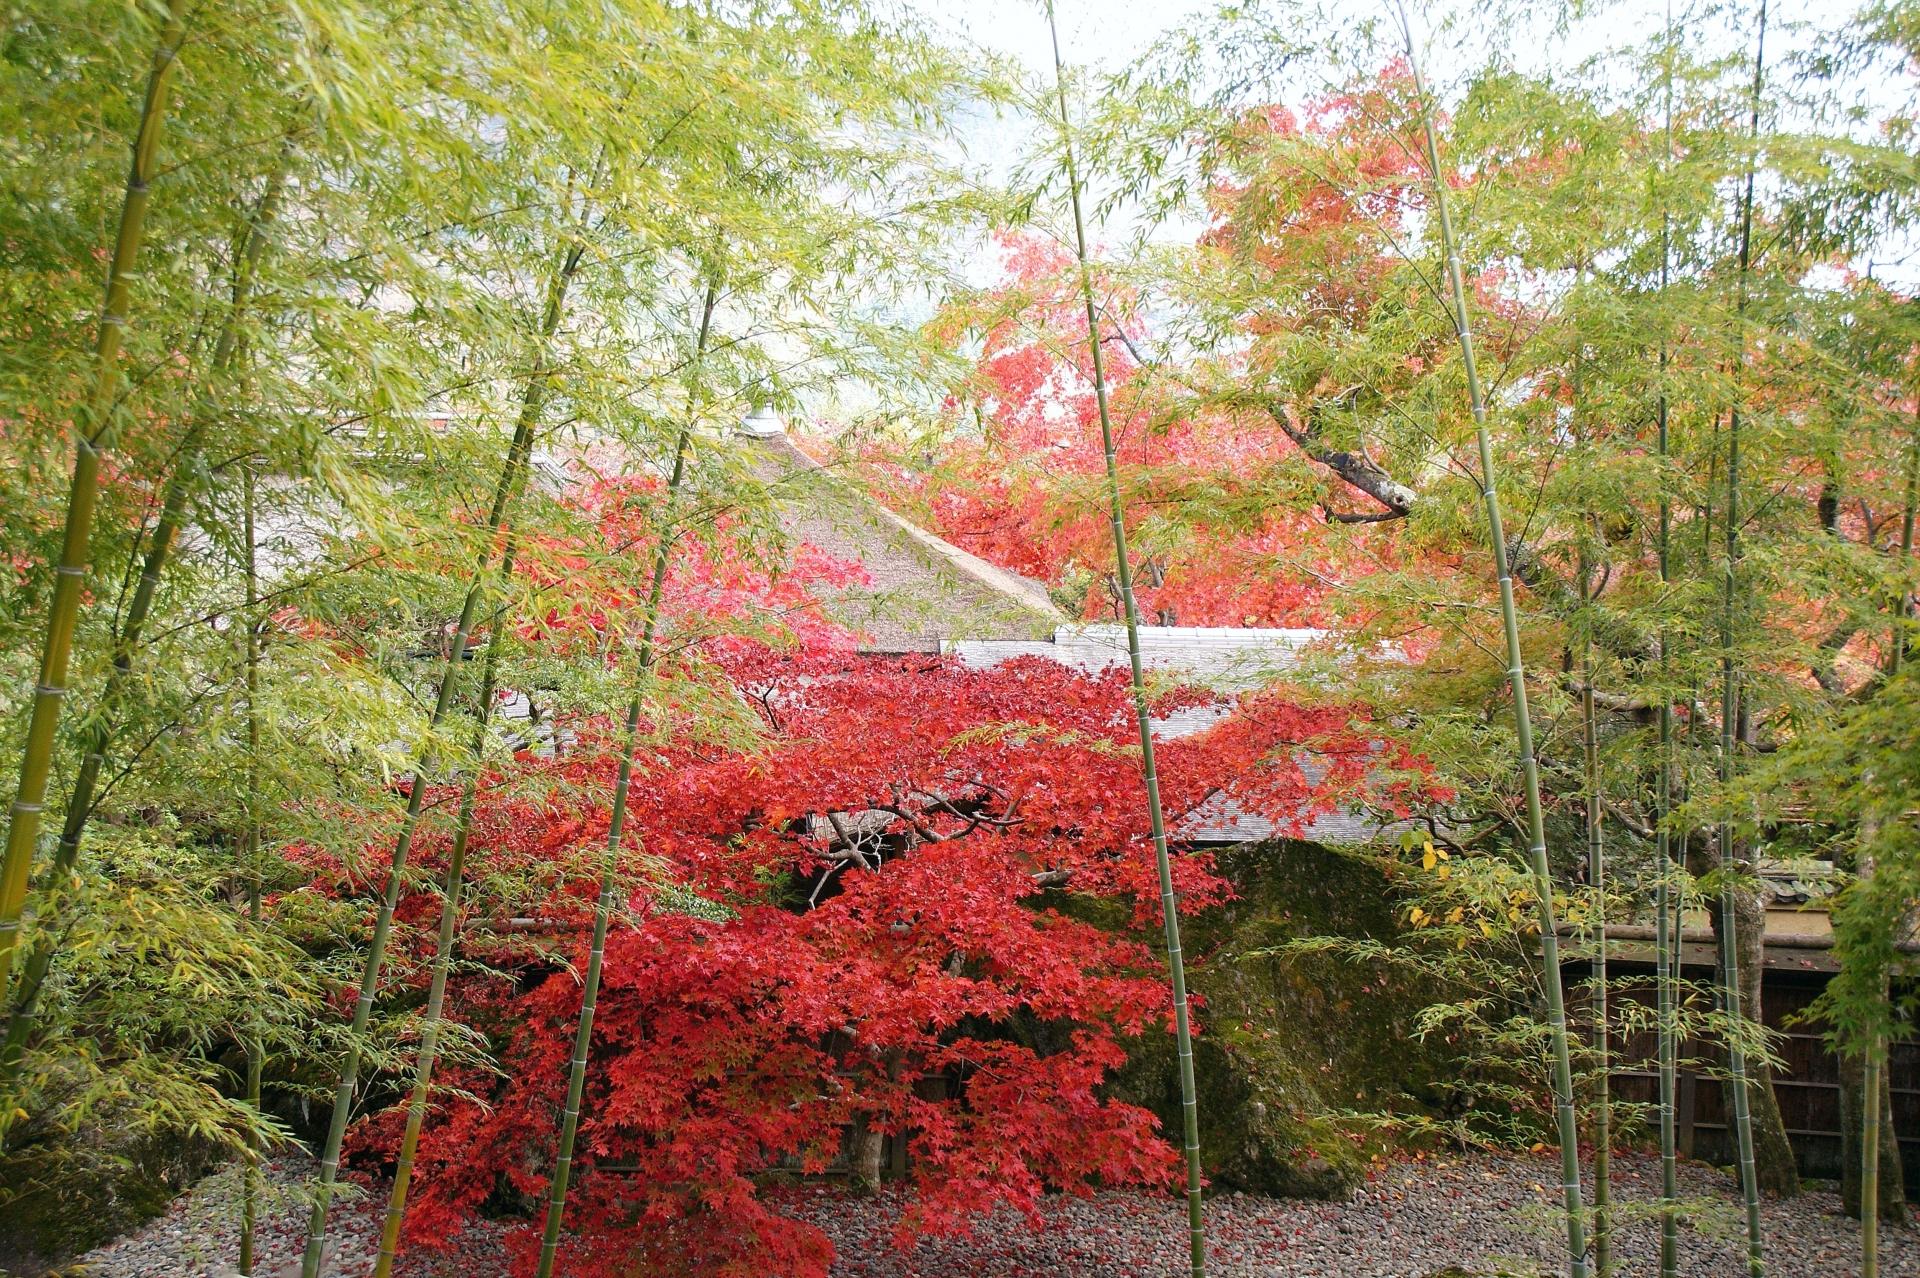 箱根美術館の庭園や苔・紅葉などの見どころとアクセスや施設情報